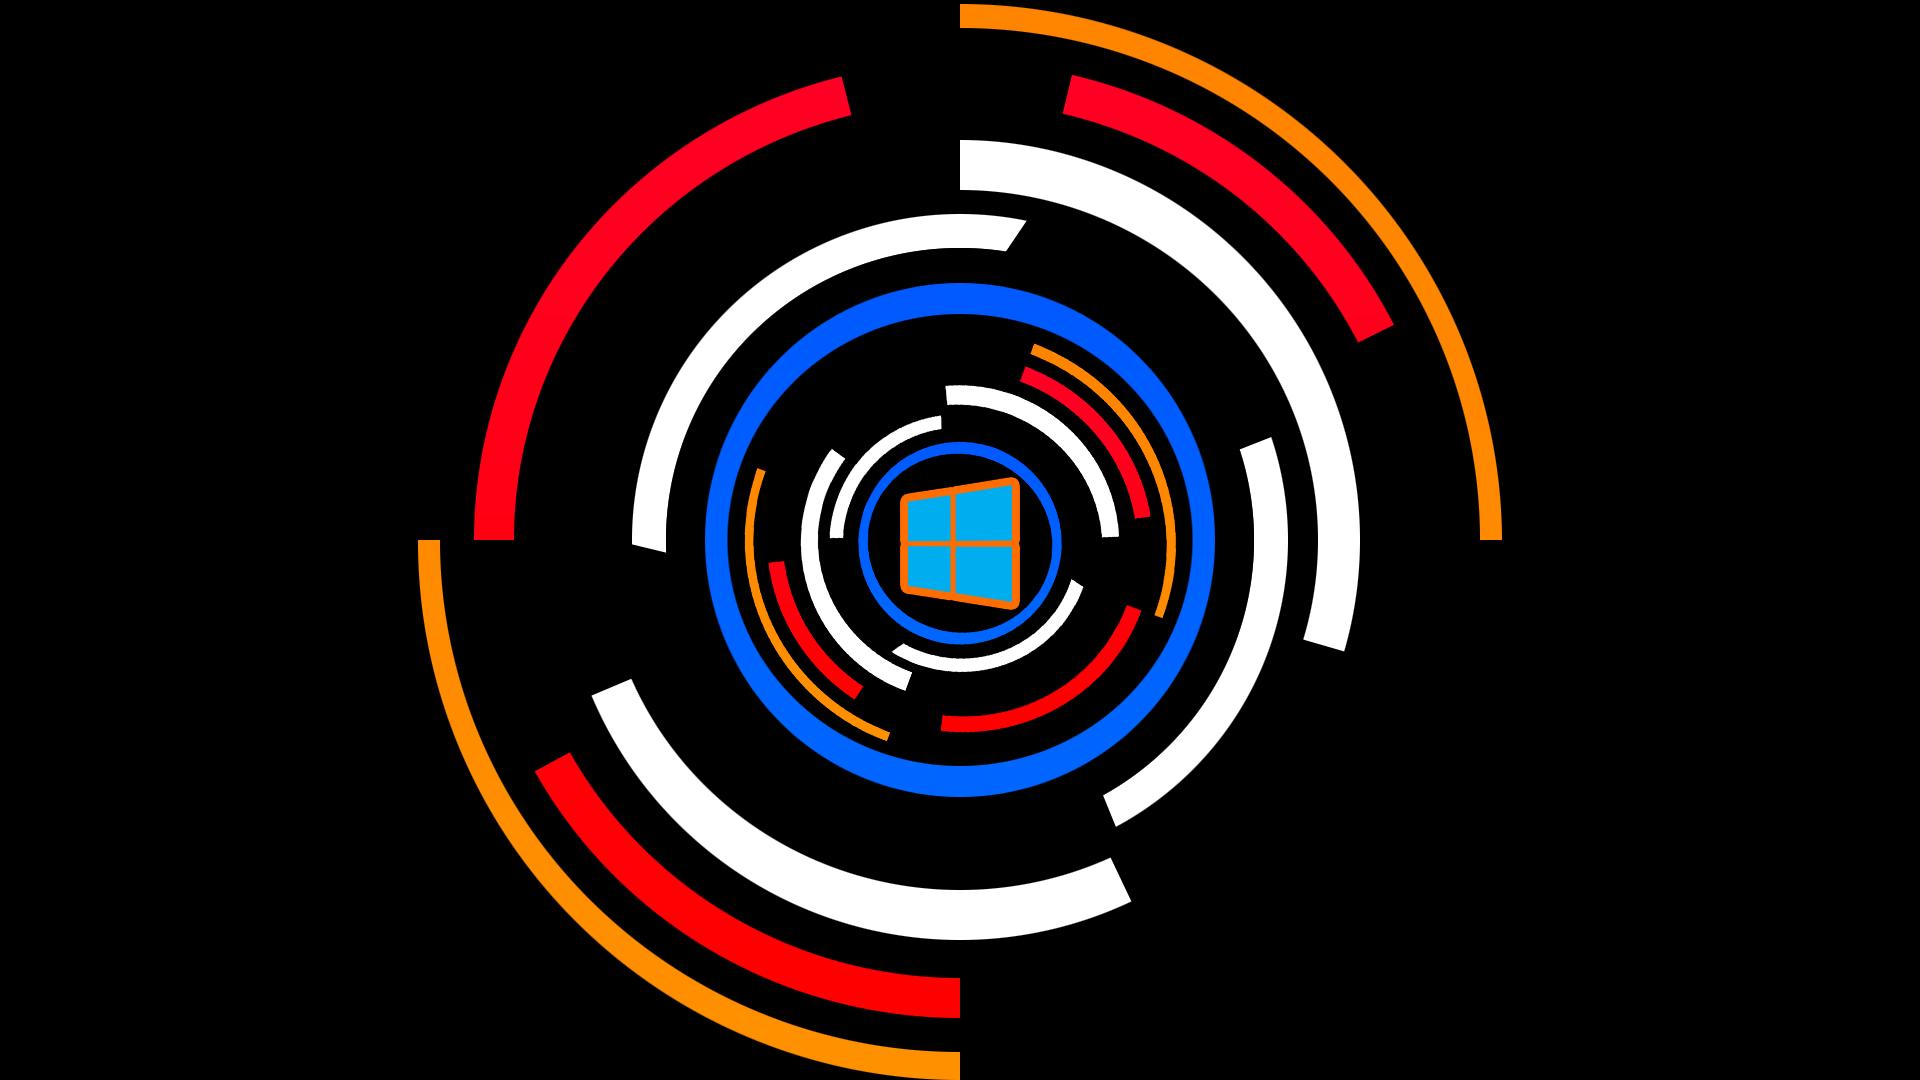 Sfondi Illustrazione Spirale Testo Logo Cerchio Windows 10